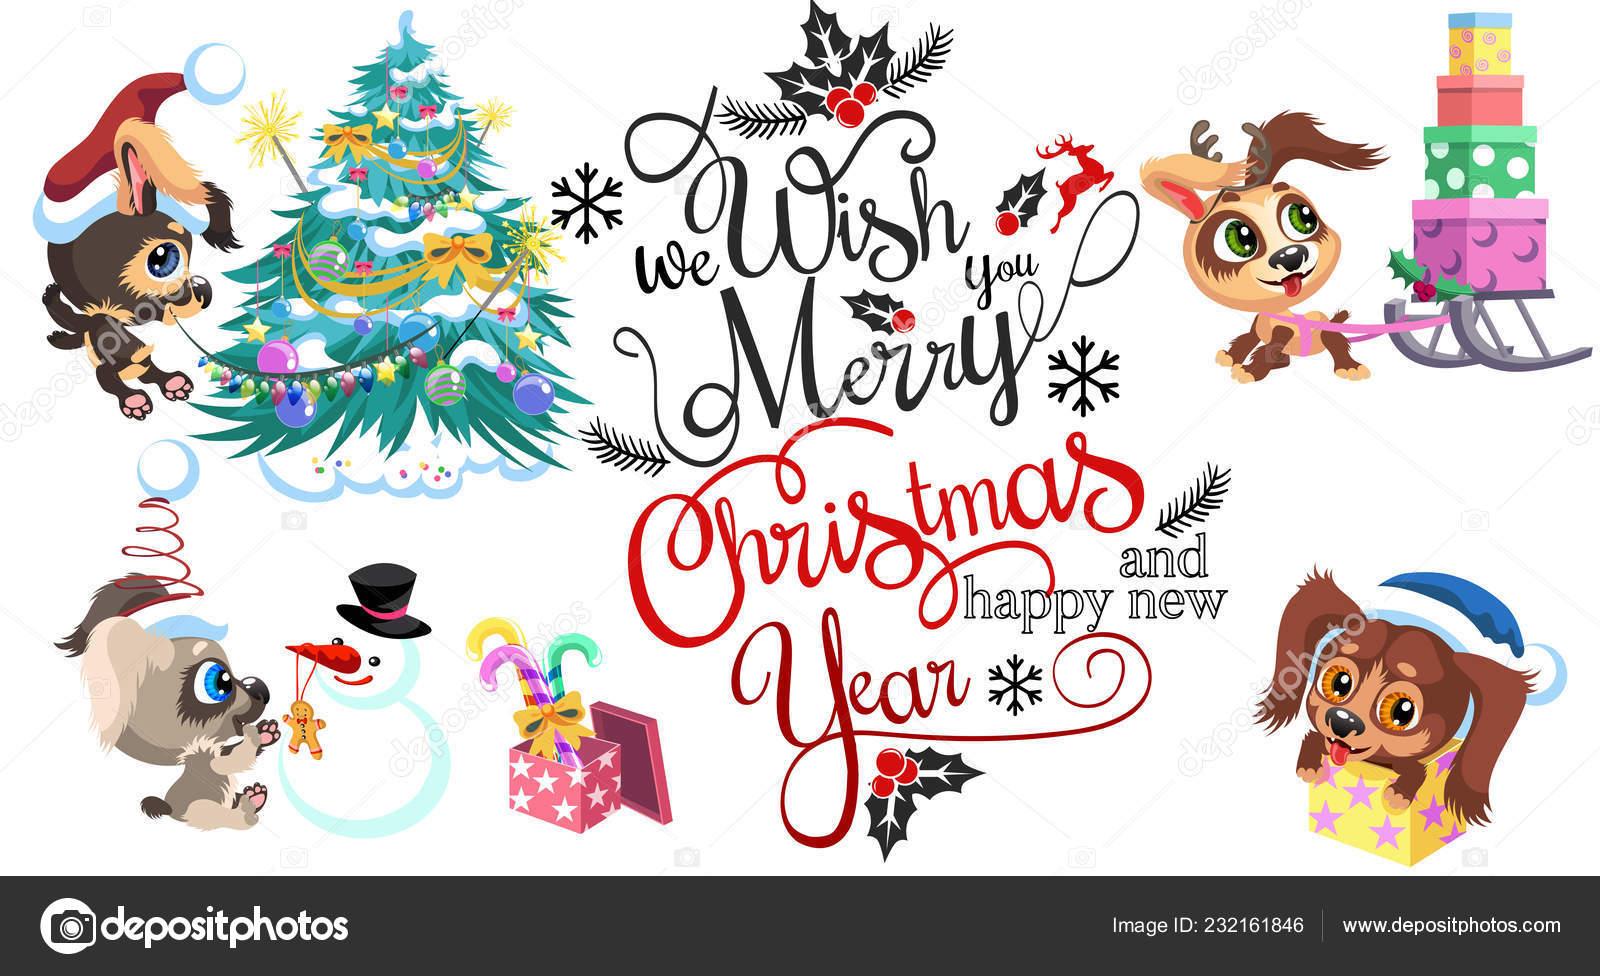 Desenhos Animados Sinal Que Desejamos Feliz Natal E Feliz Ano Novo